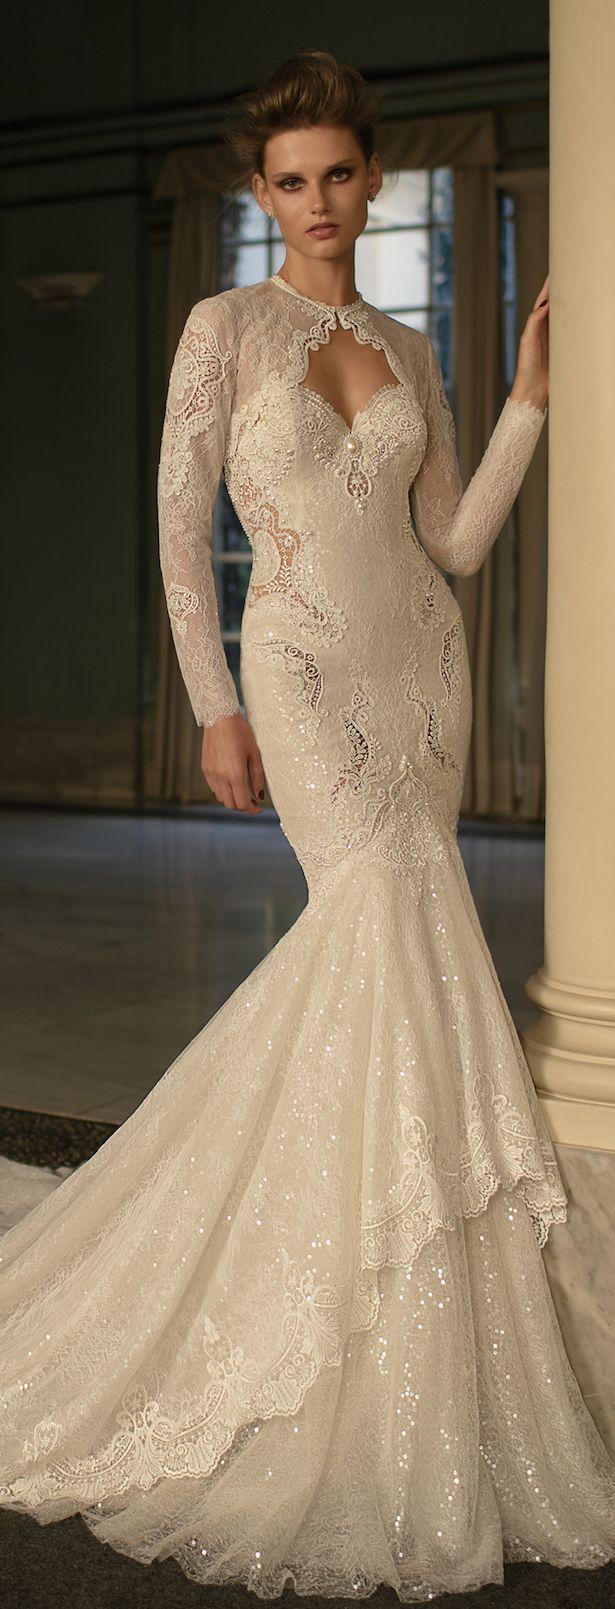 robe de mariage magnifique pas chere dans le 59